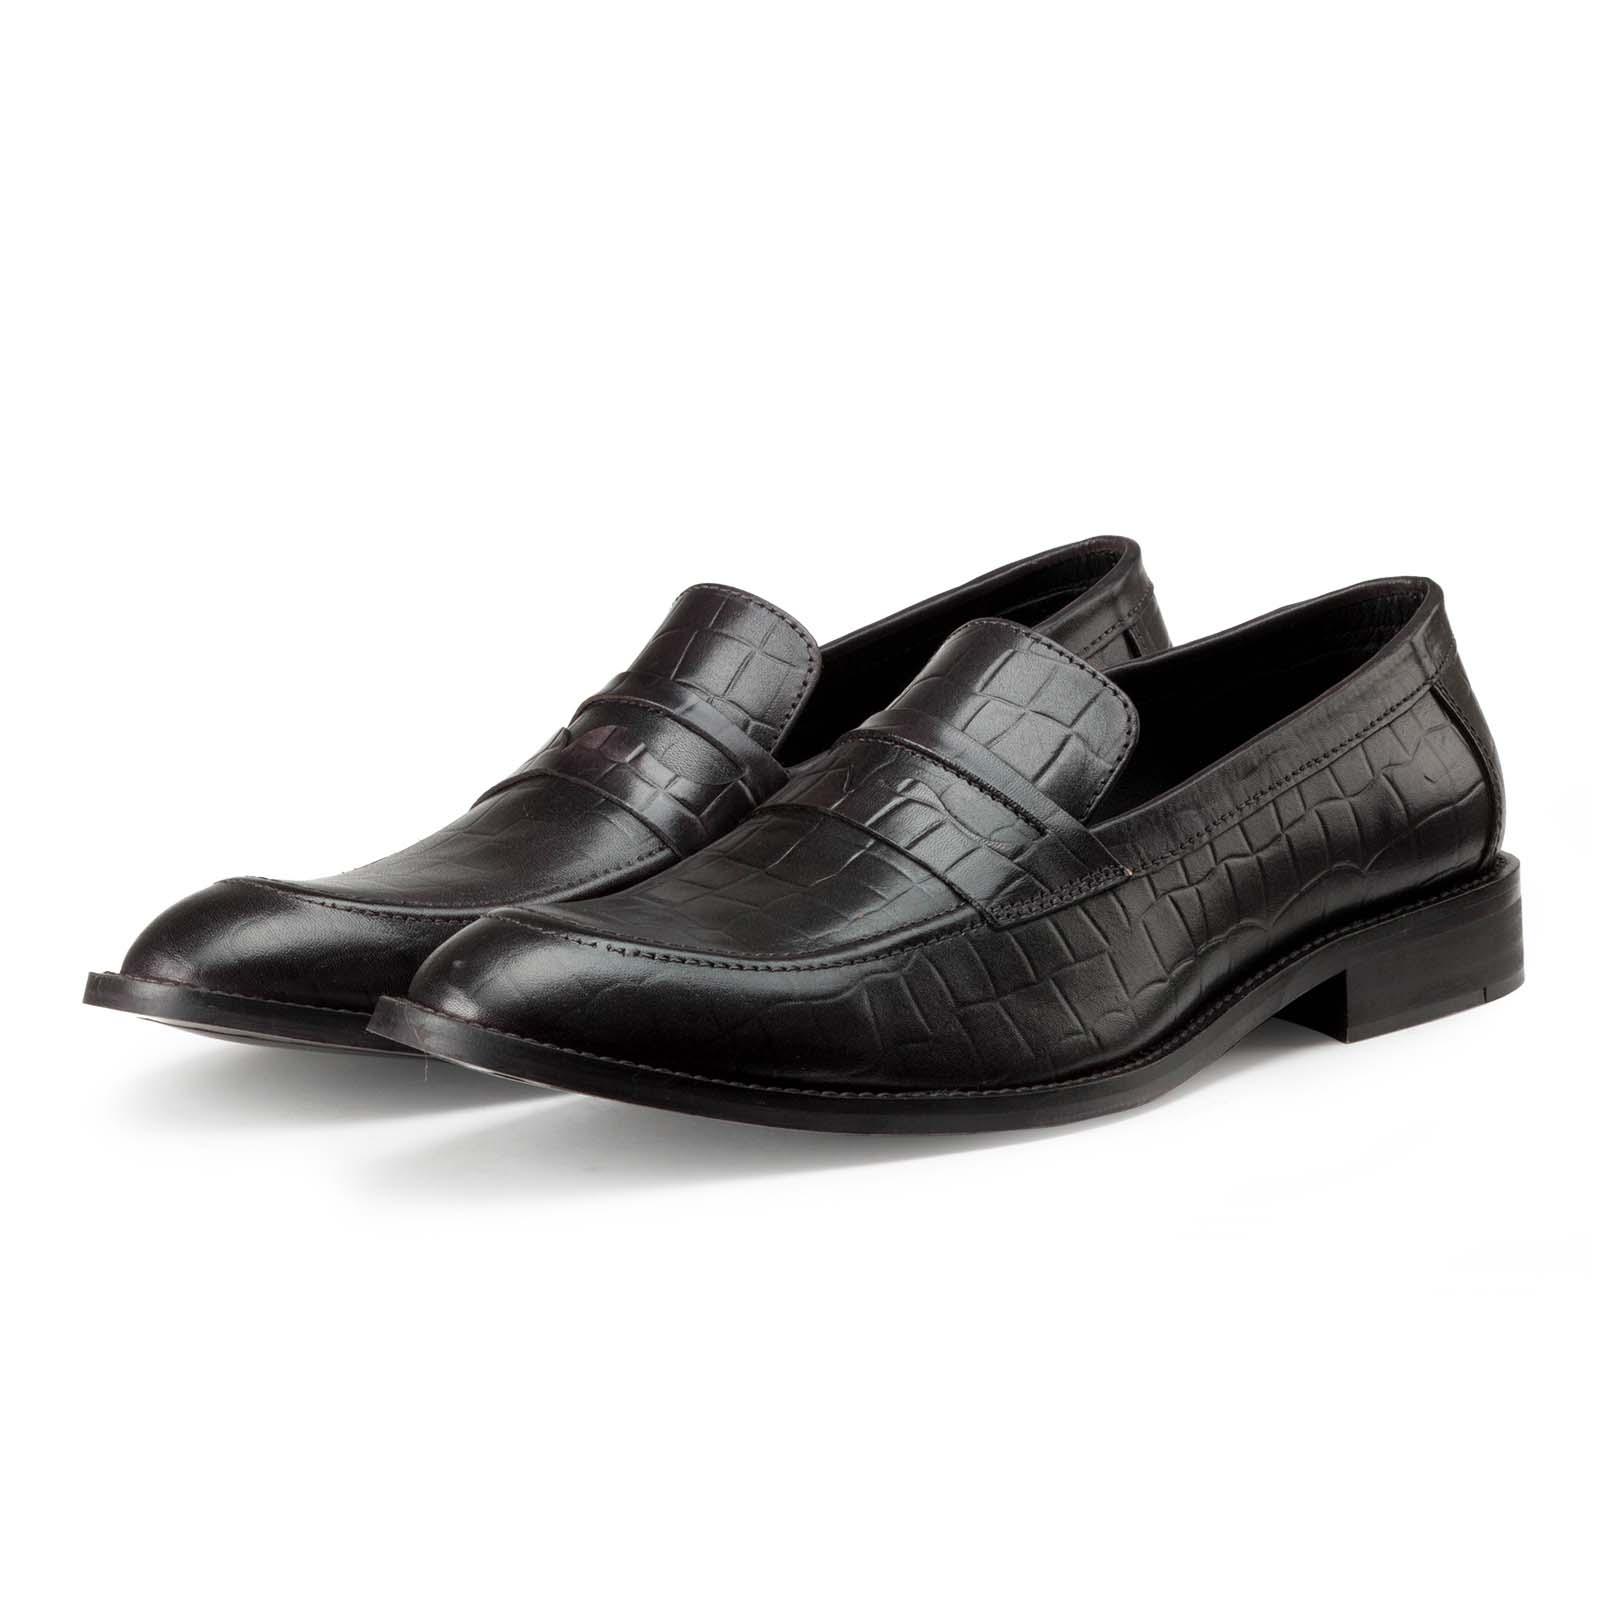 Black Croc-Embossed Slip-on